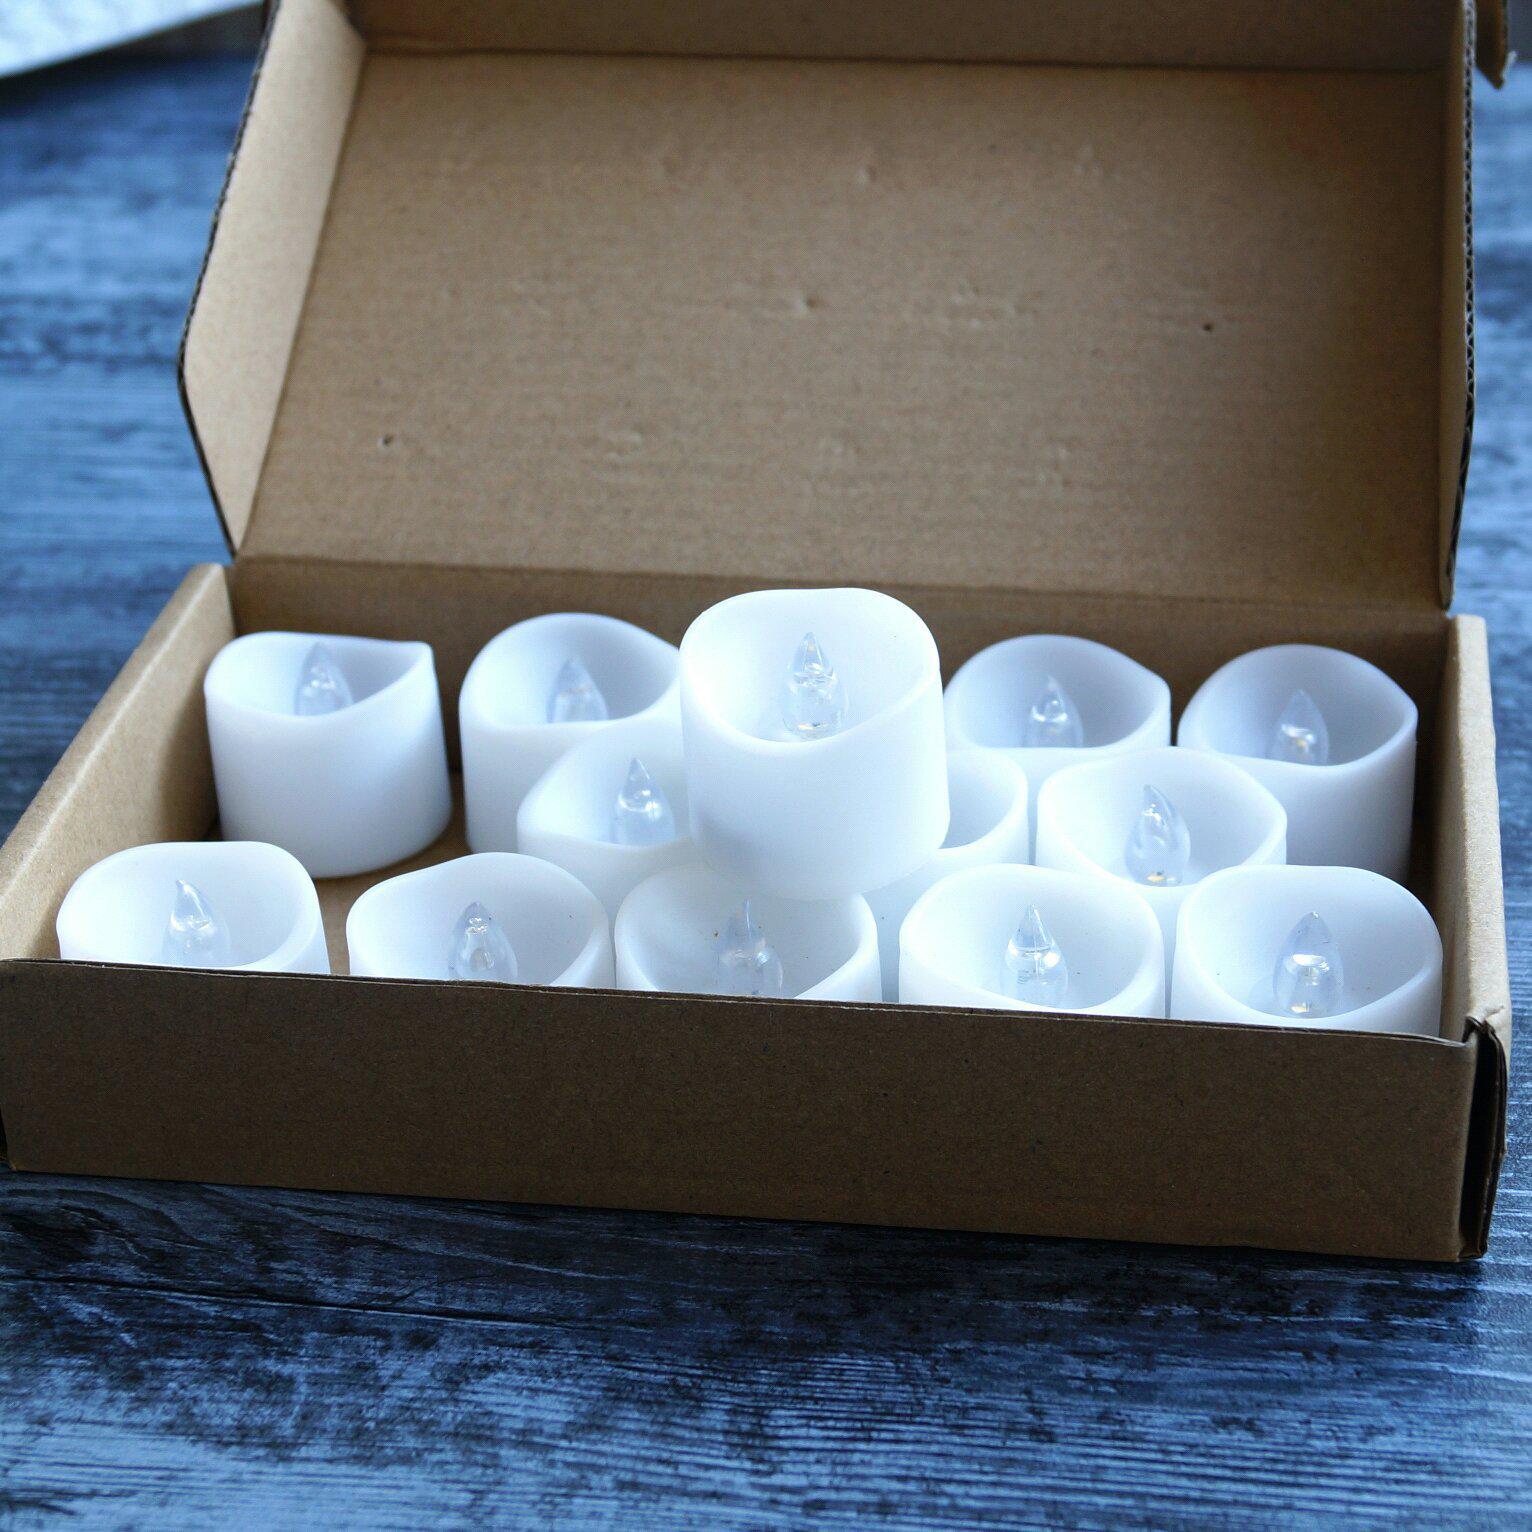 Светодиодные свечи на батарейках - CR 2032 - отзывы